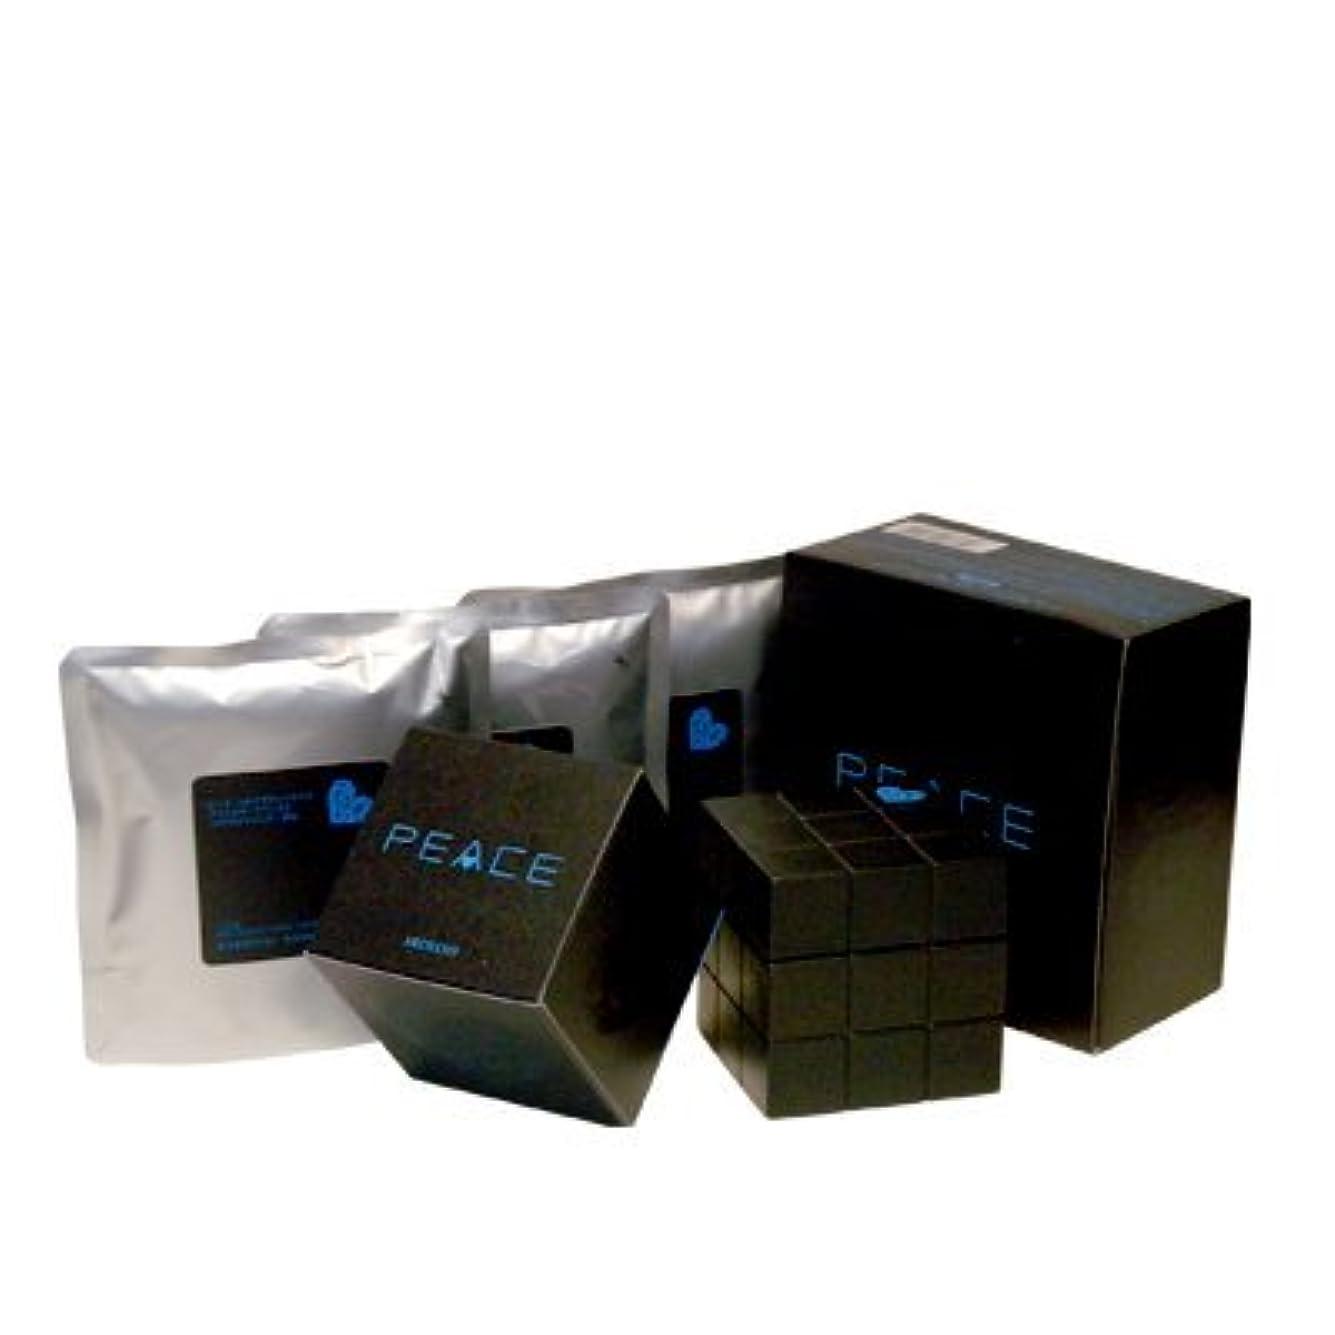 リマークトムオードリース自信があるアリミノ ピース プロデザインシリーズ フリーズキープワックス ブラック80g+詰め替え80g×3